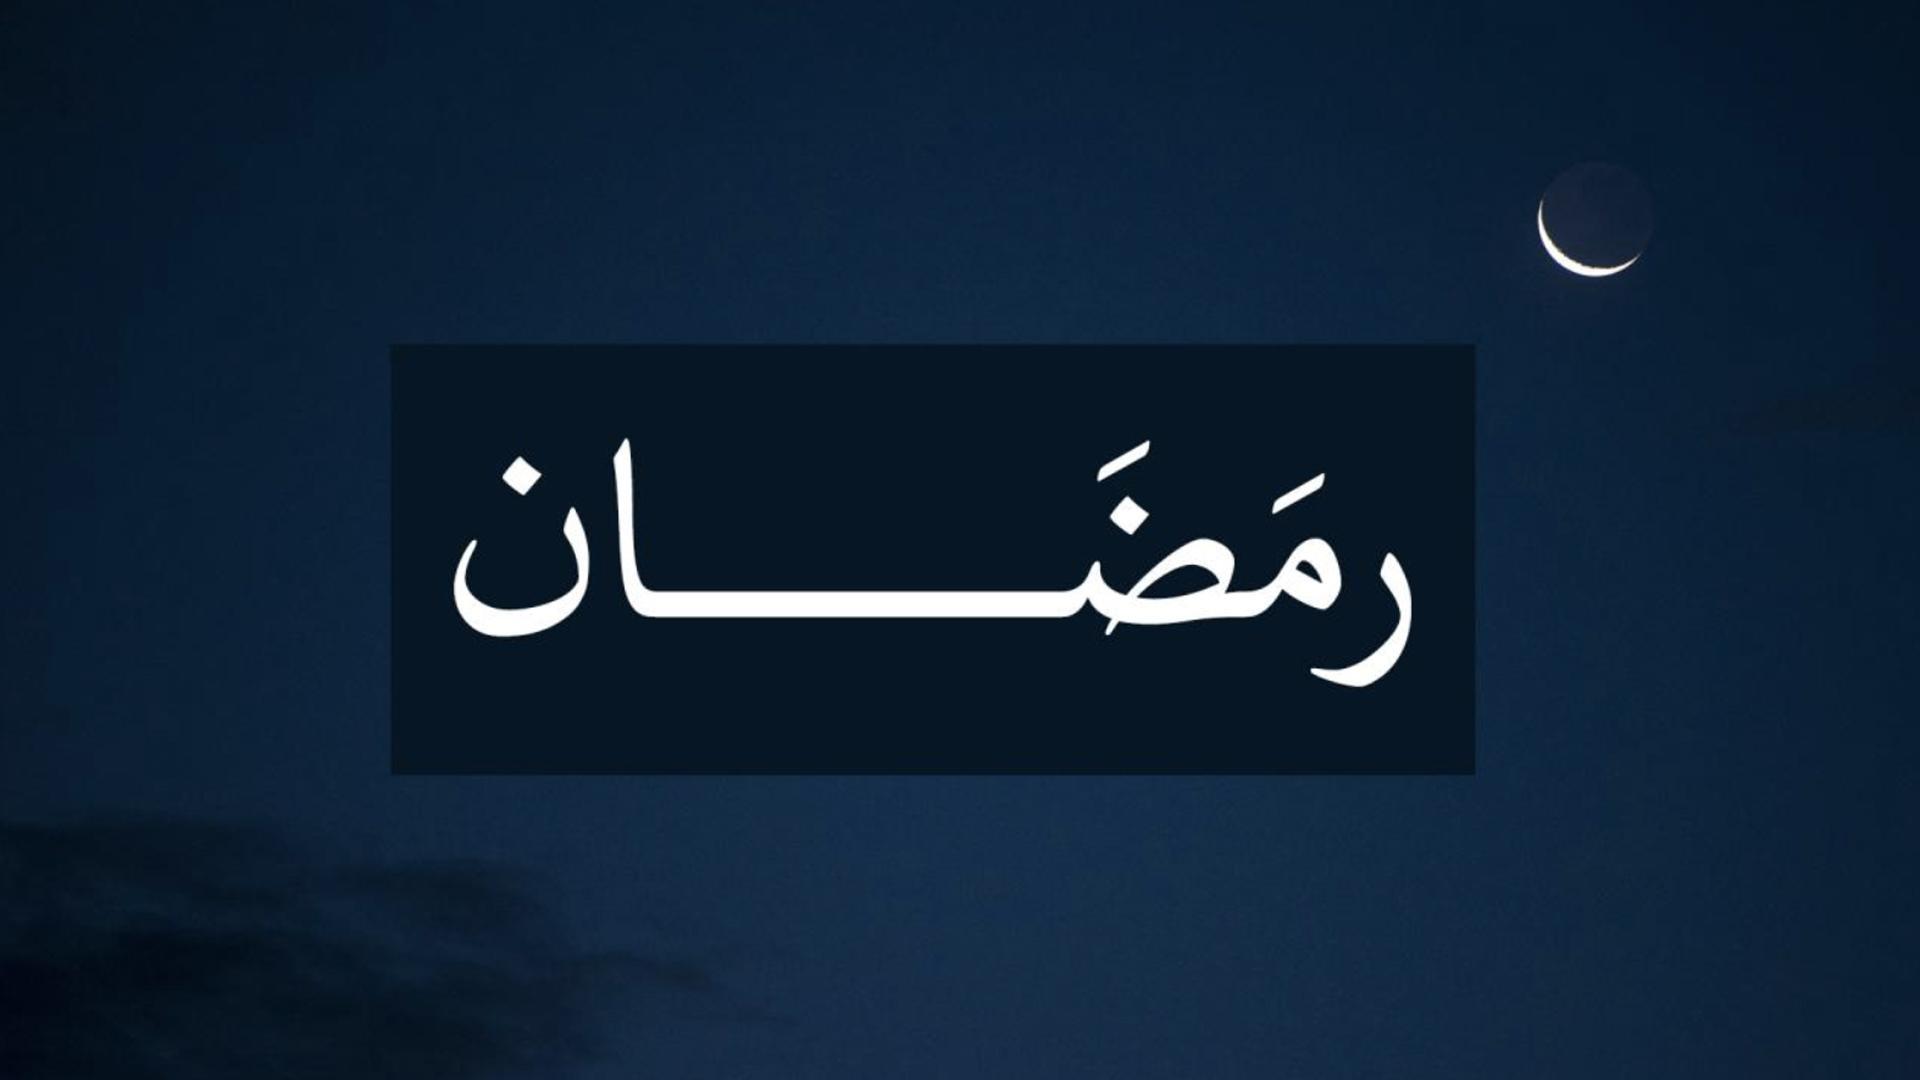 هام| دار الإفتاء المصرية الحكم حول صيام رمضان في ظل انتشار كورونا